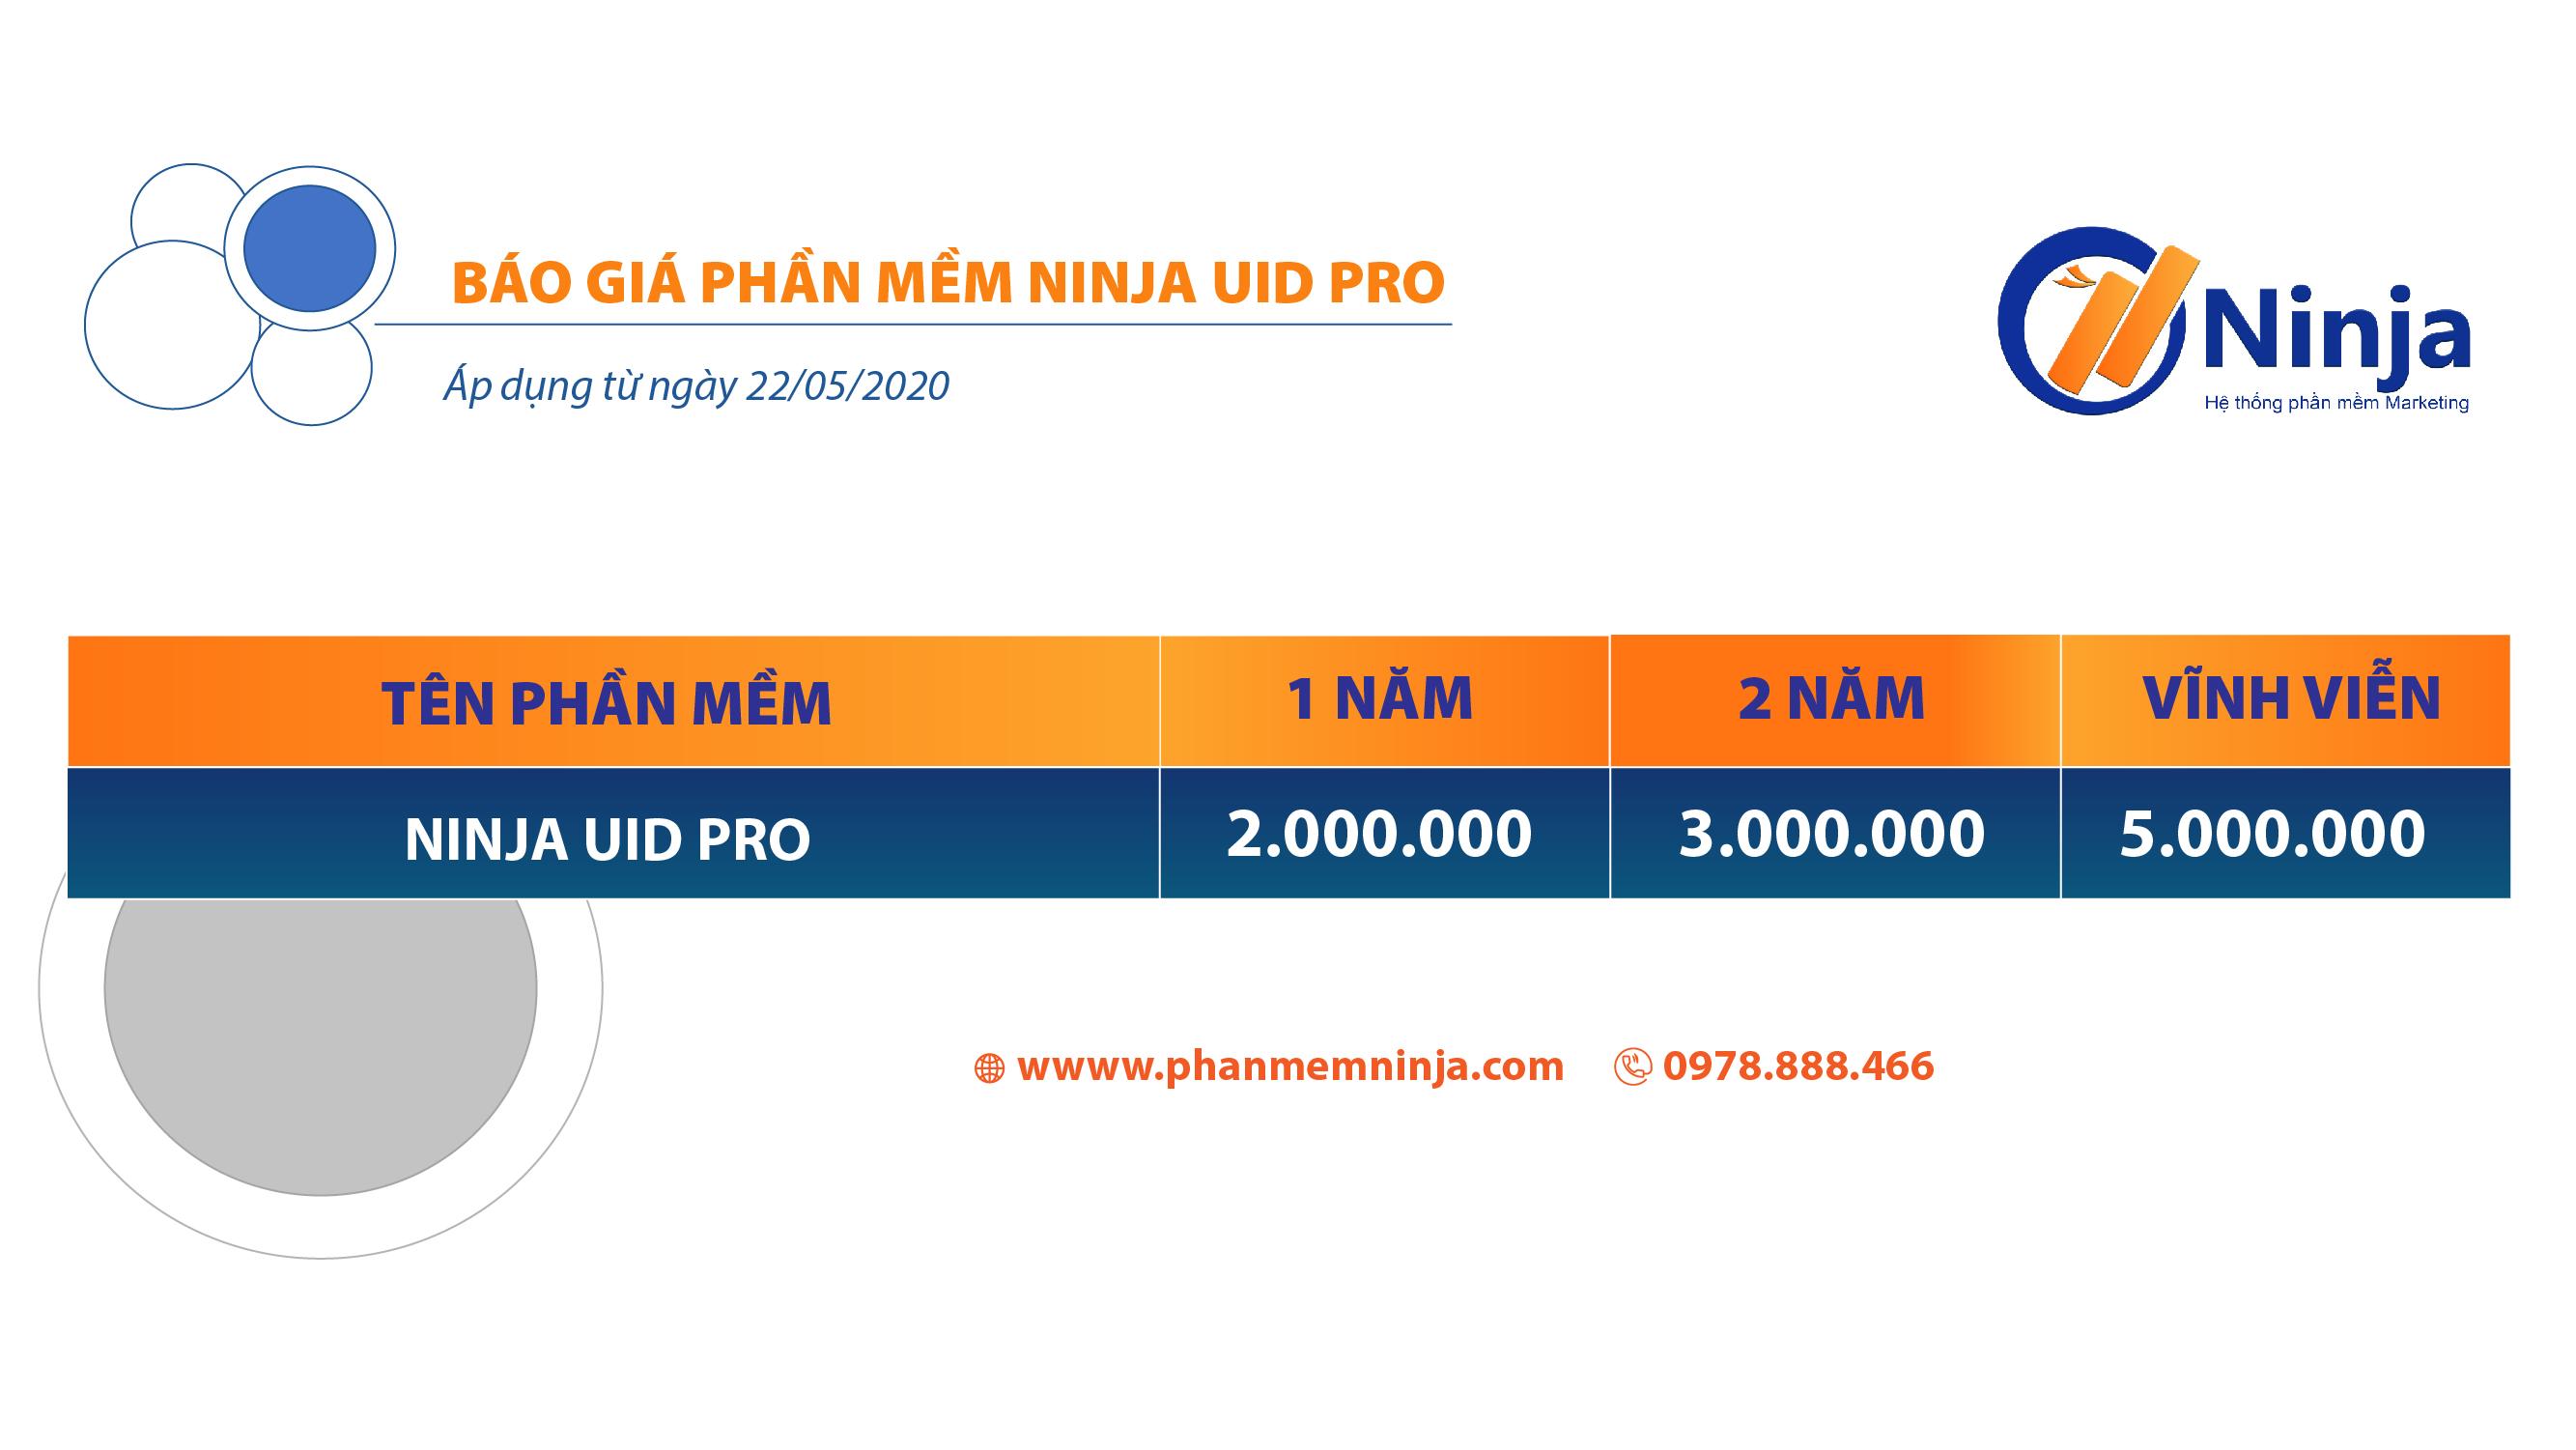 ninja uid pro Target là gì? Vai trò target trong marketing 0 đồng như thế nào?